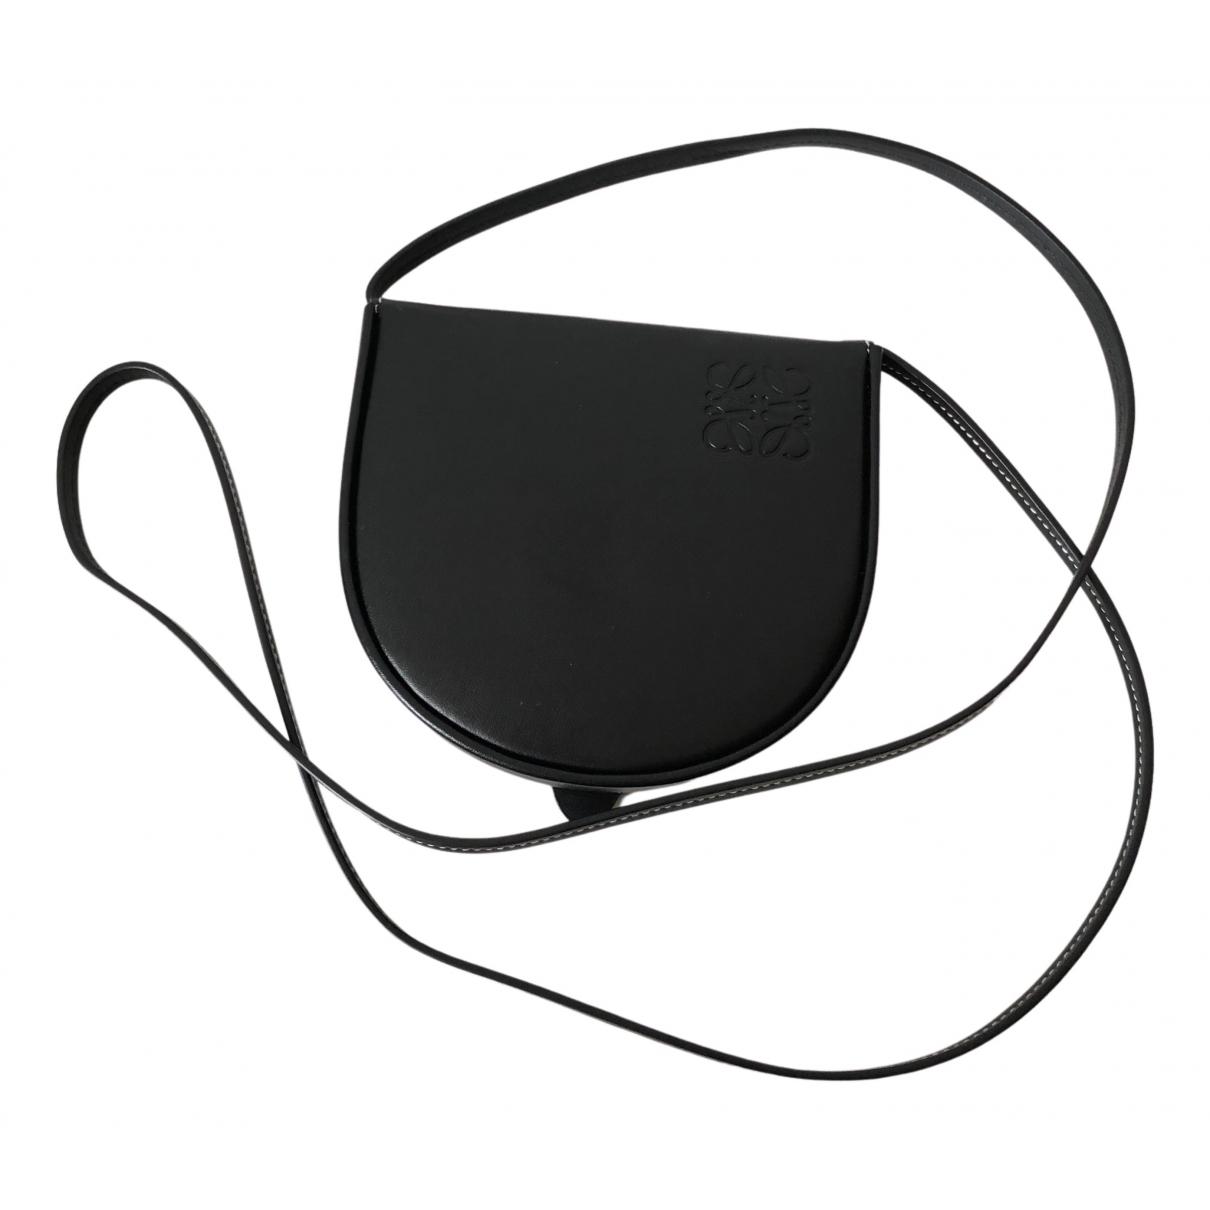 Loewe N Black Leather Purses, wallet & cases for Women N